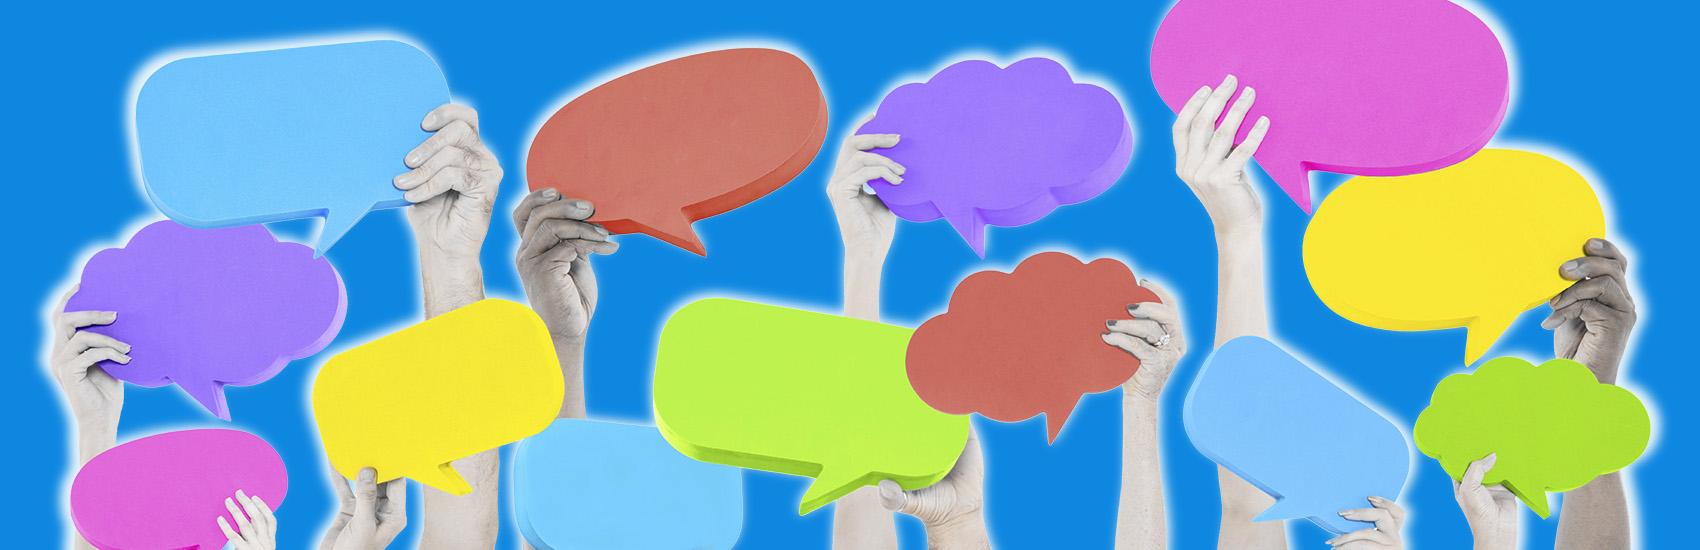 Отзывы клиентов: как правильно реагировать, чтобы не потерять репутацию компании